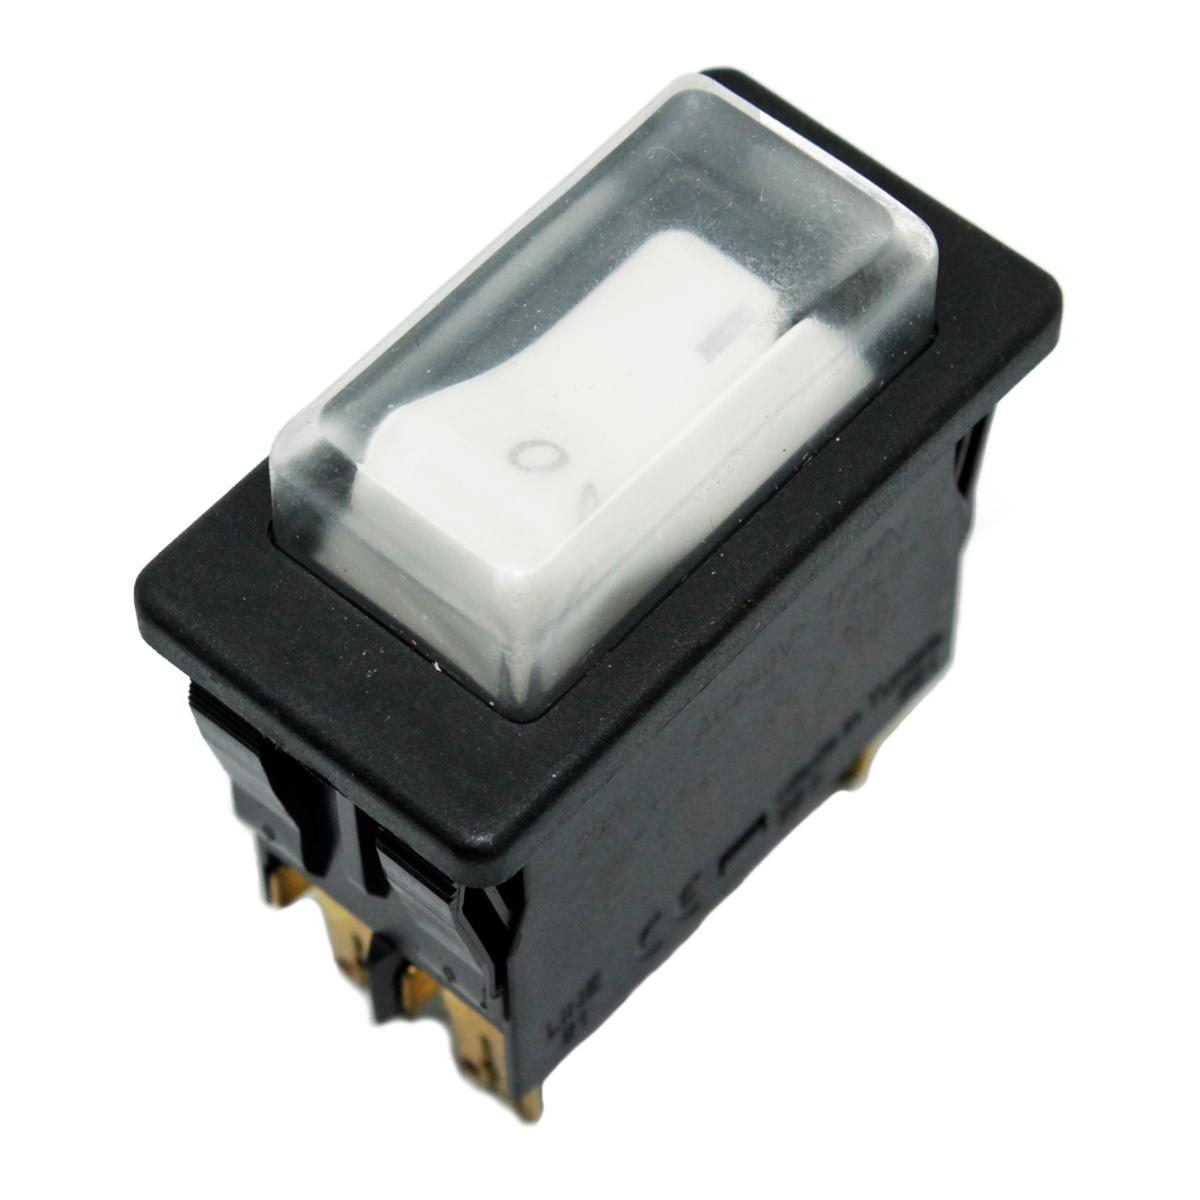 Interruptor Micro Disjuntor 20A para Lavadora Lavor TR11, TR13, TR20 Original